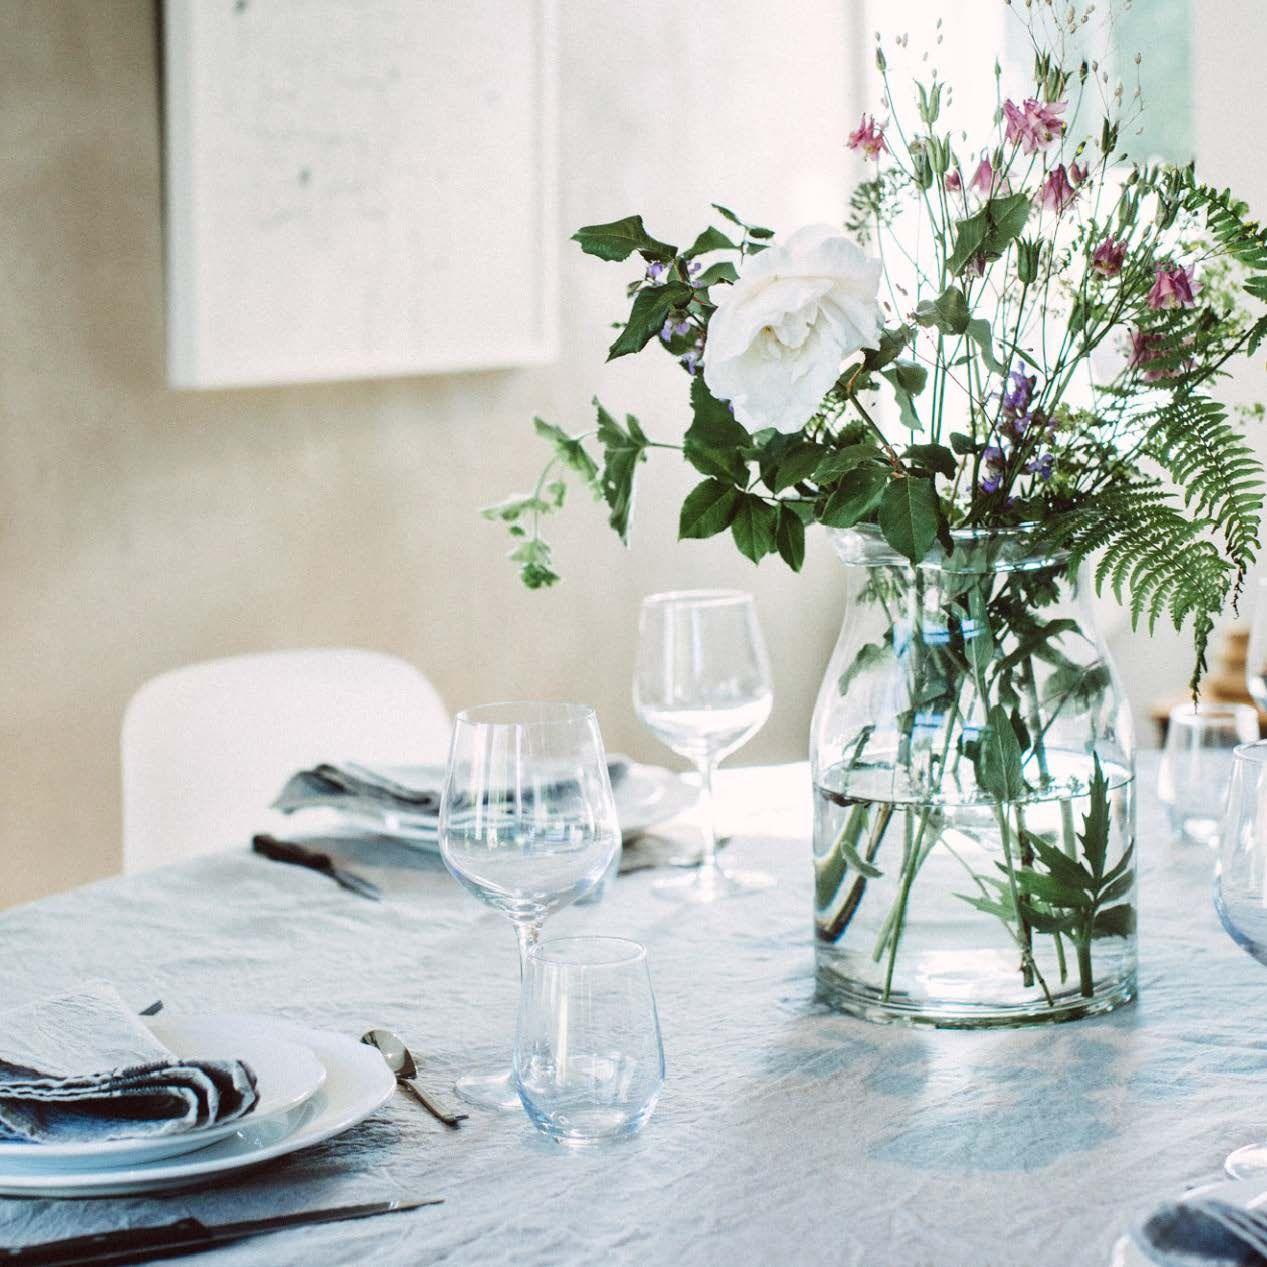 Flores diretamente do jardim para o centro (de atenção) da vossa mesa.